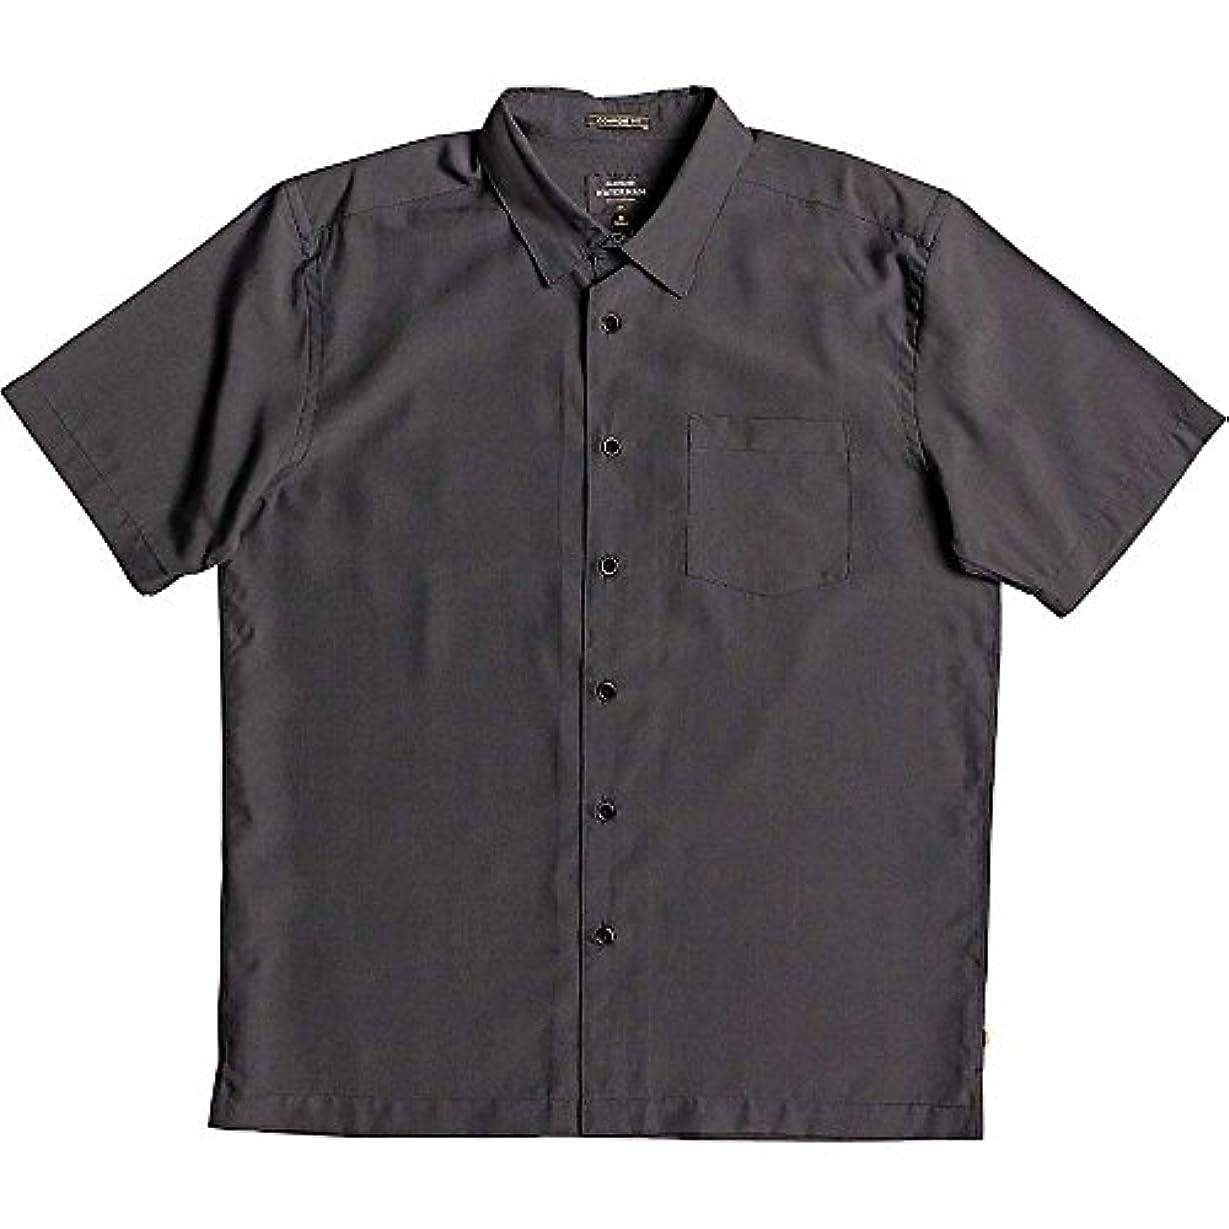 体細胞戦闘不利益(クイックシルバー) Quiksilver メンズ トップス 半袖シャツ Cane Island Shirt [並行輸入品]